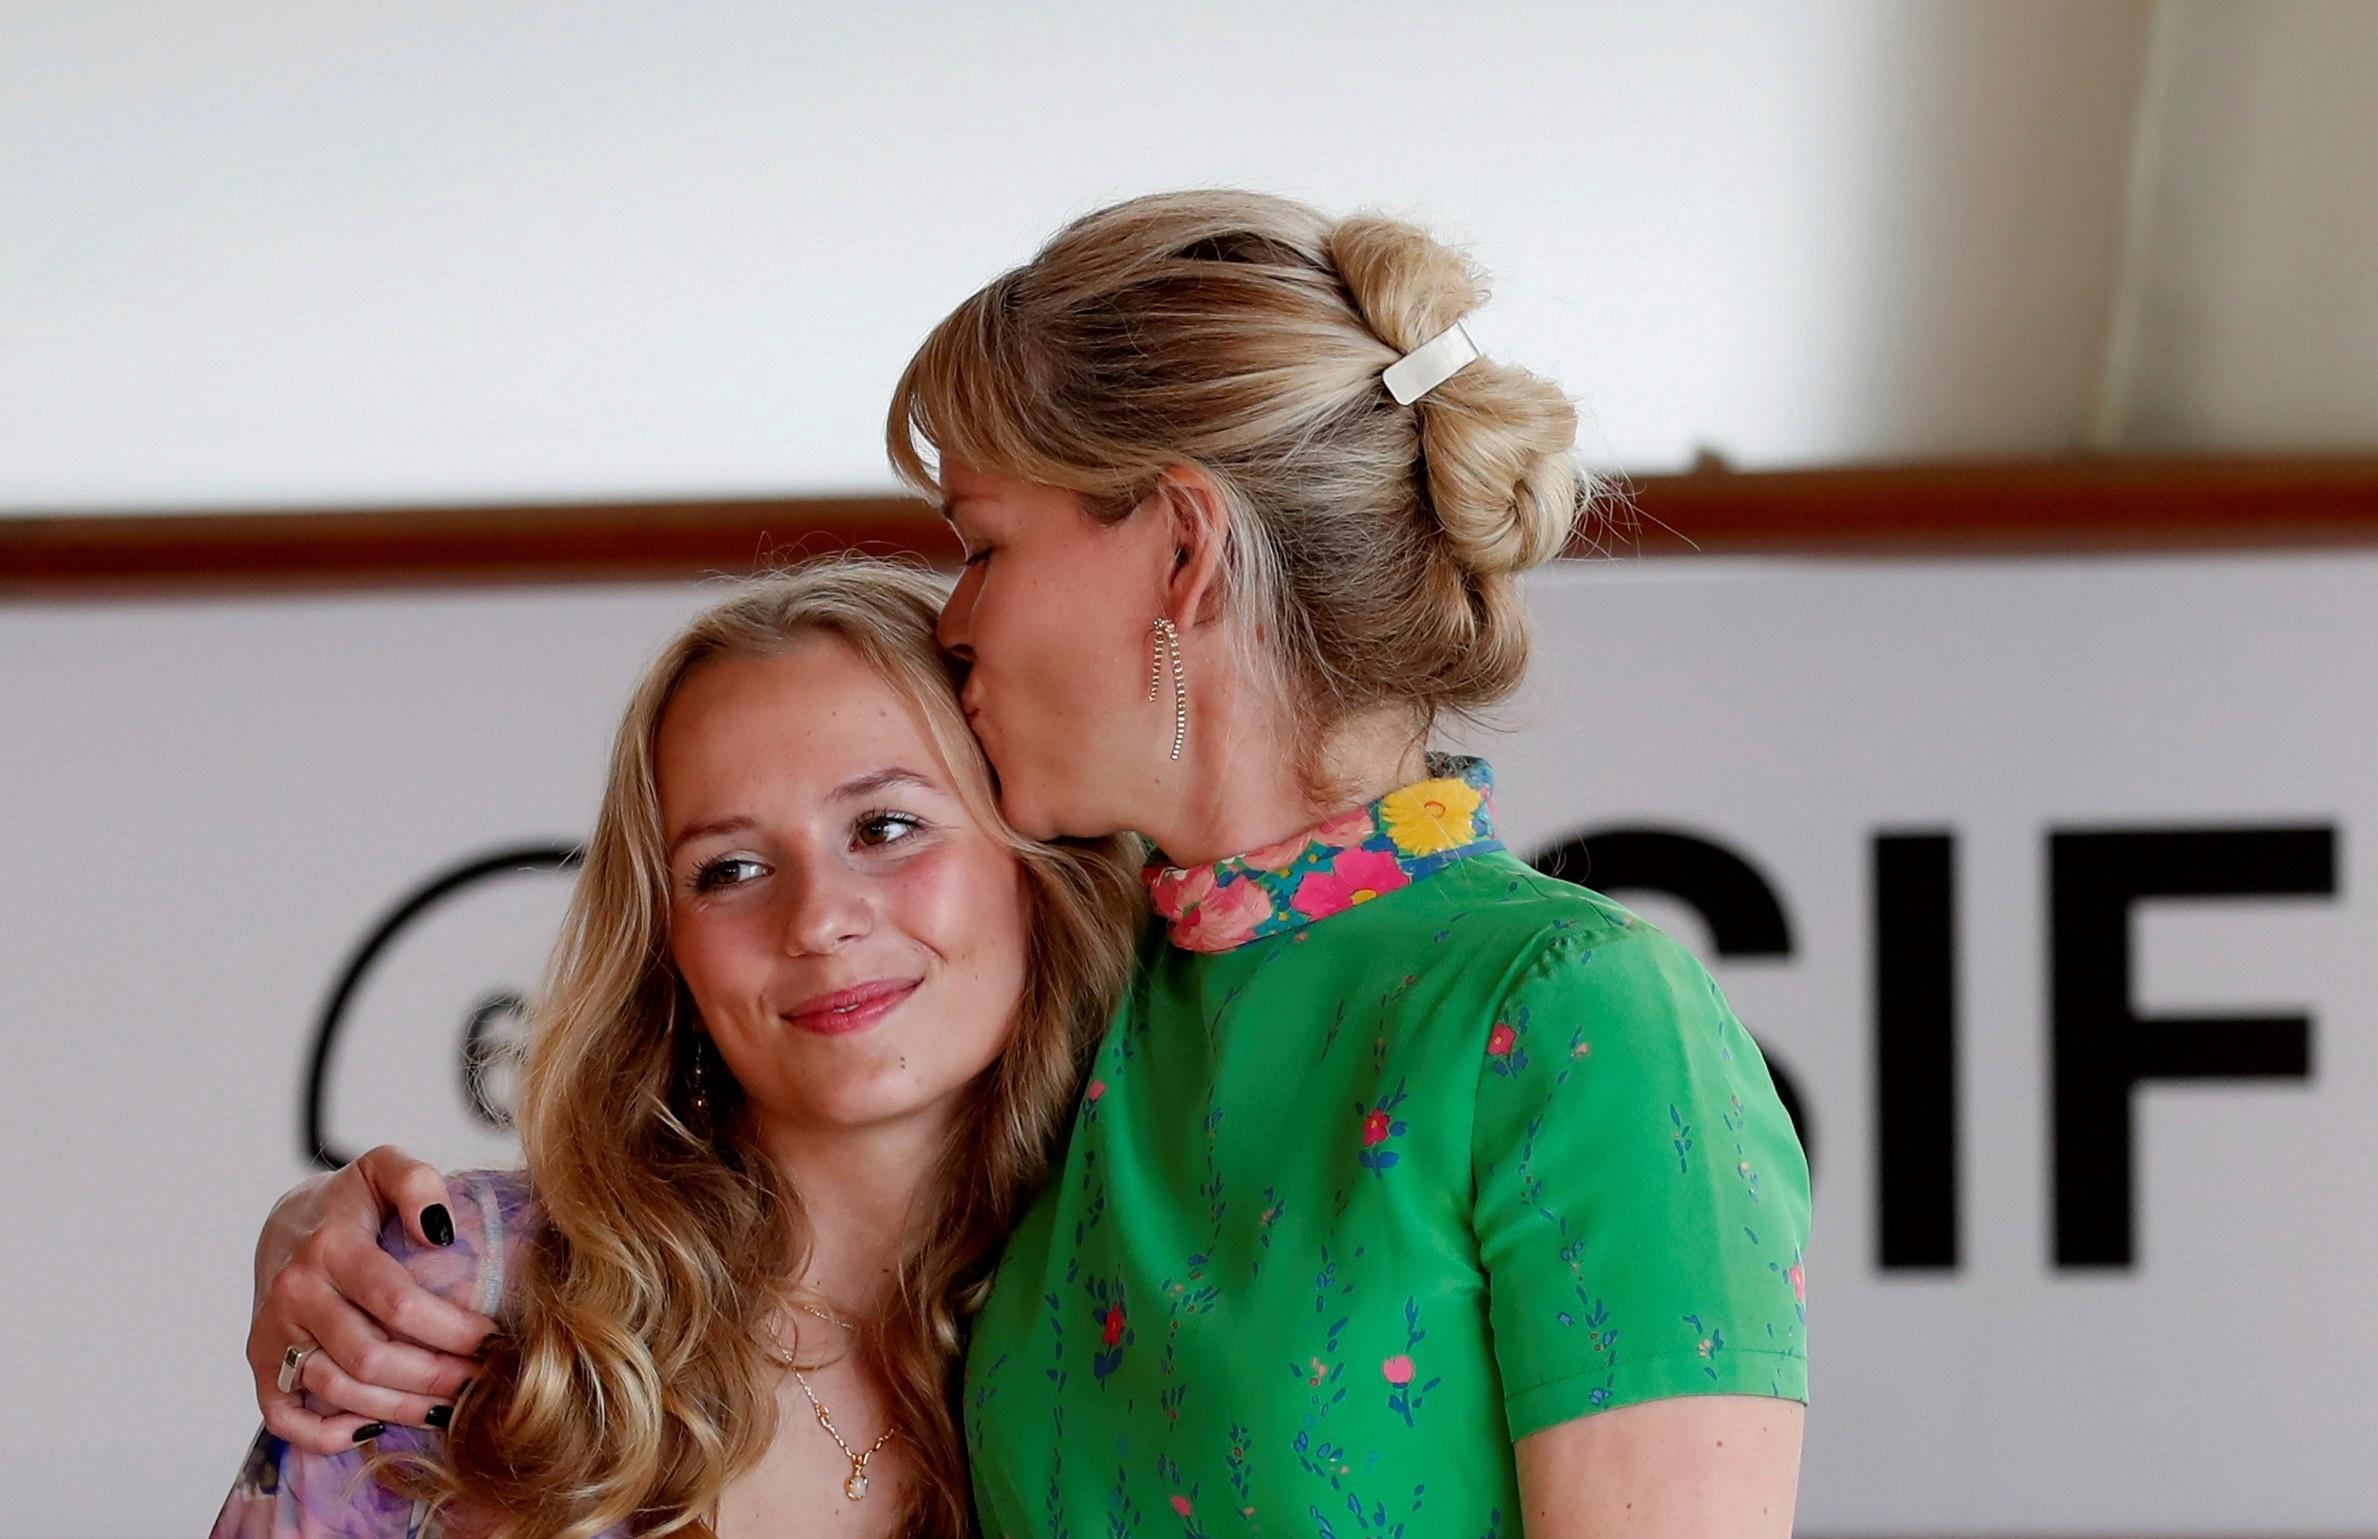 La directora Tea Lindeburg posa junto a la actriz Flora Ofelia Hofman tras presentar su película 'As in heaven'.